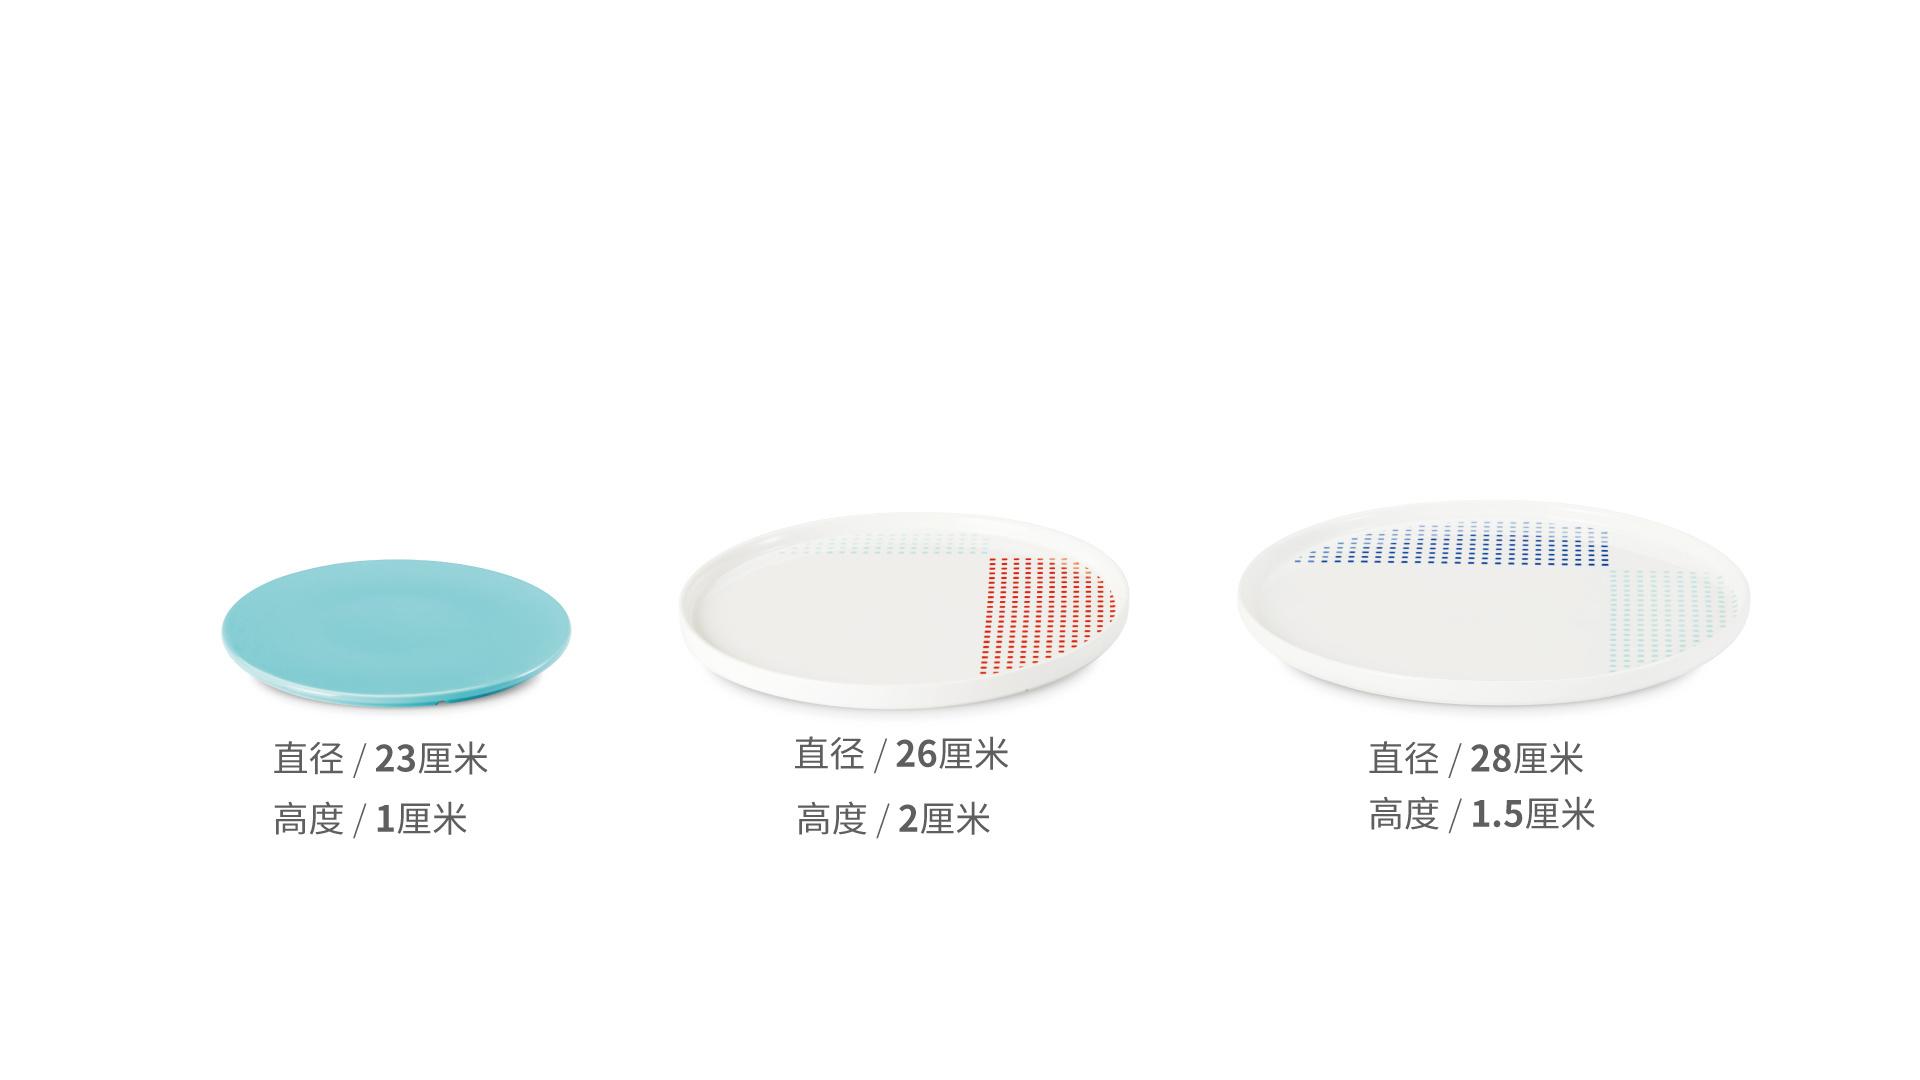 织彩餐具组餐盘套装餐具效果图